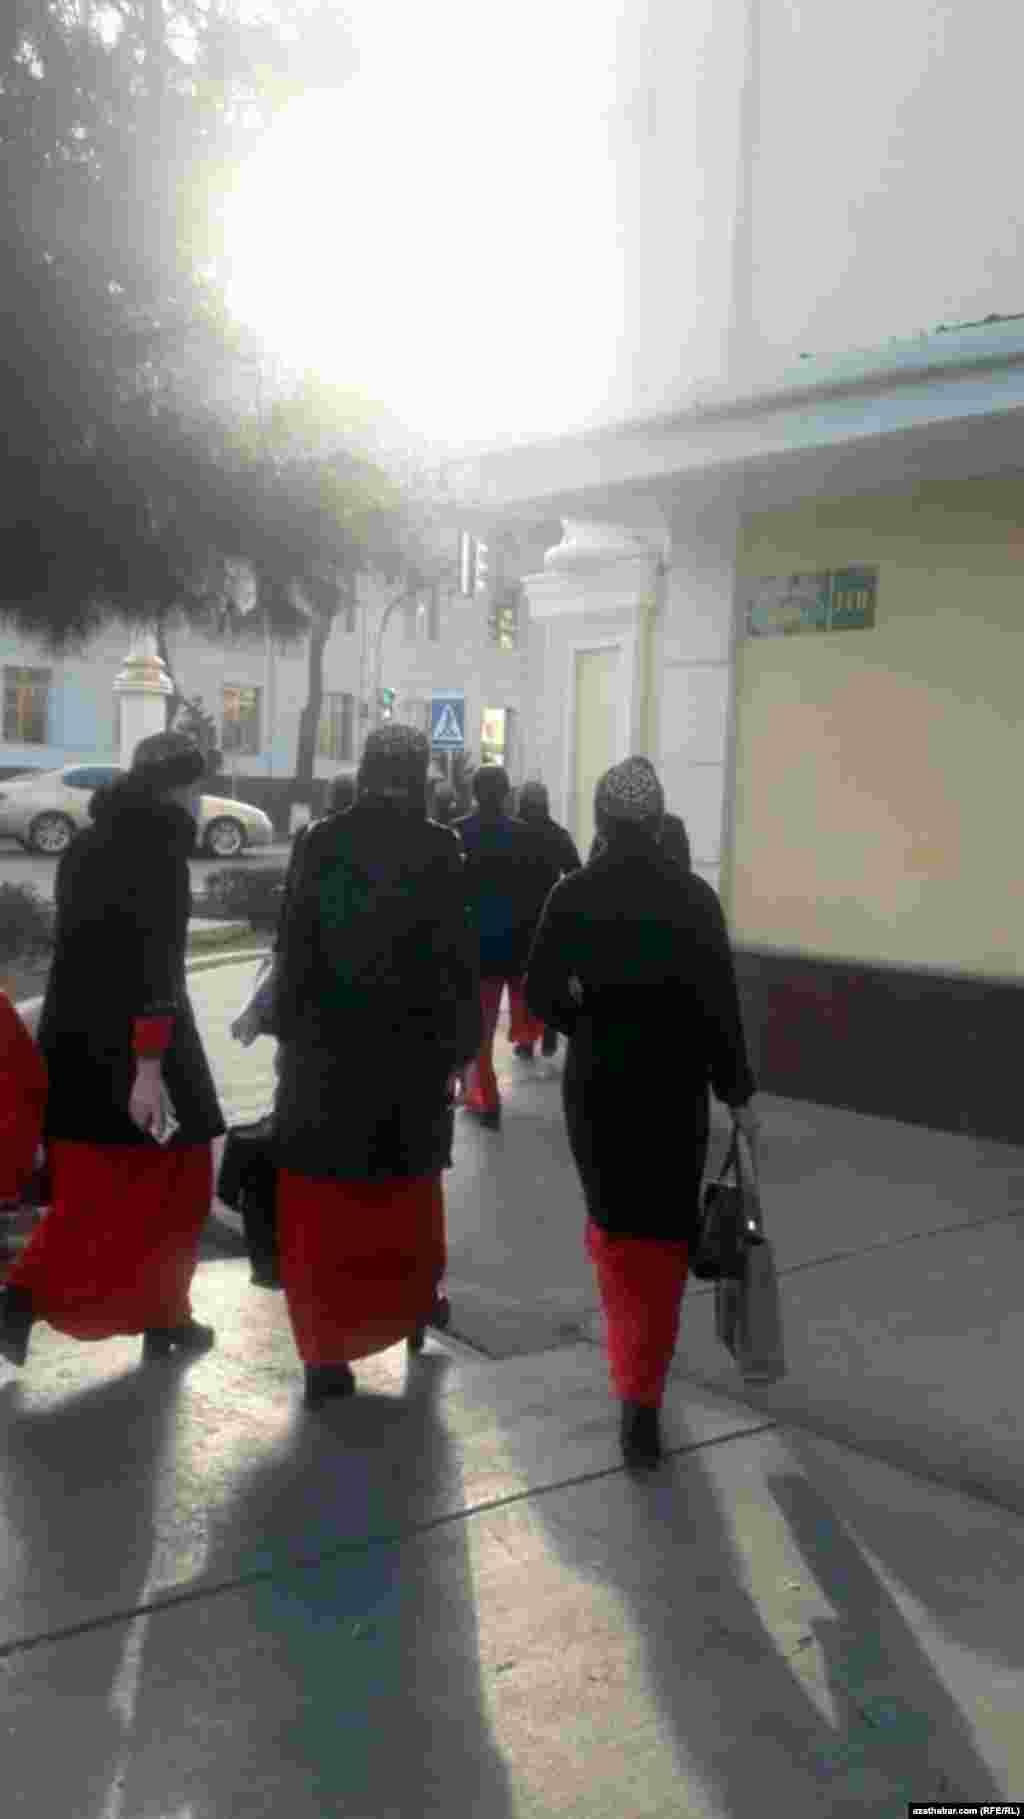 Учащиеся в школьной форме.Ашхабад, декабрь, 2020.